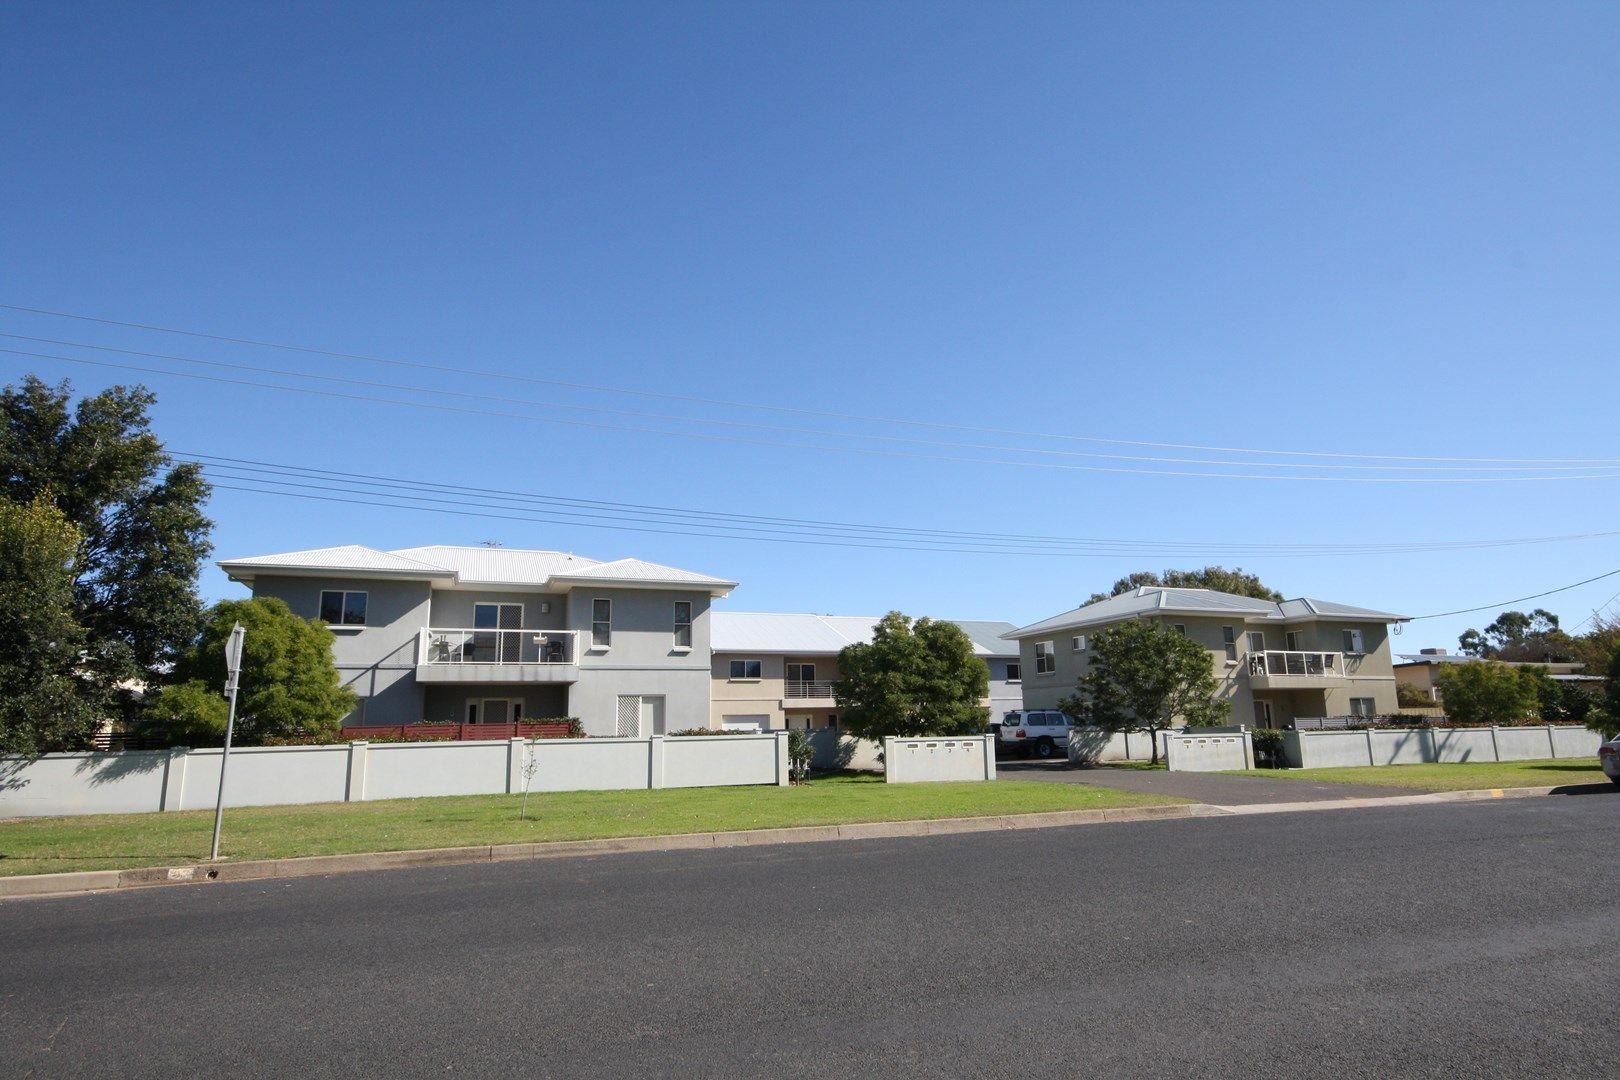 6/97 Gibbons Street, Narrabri NSW 2390, Image 0